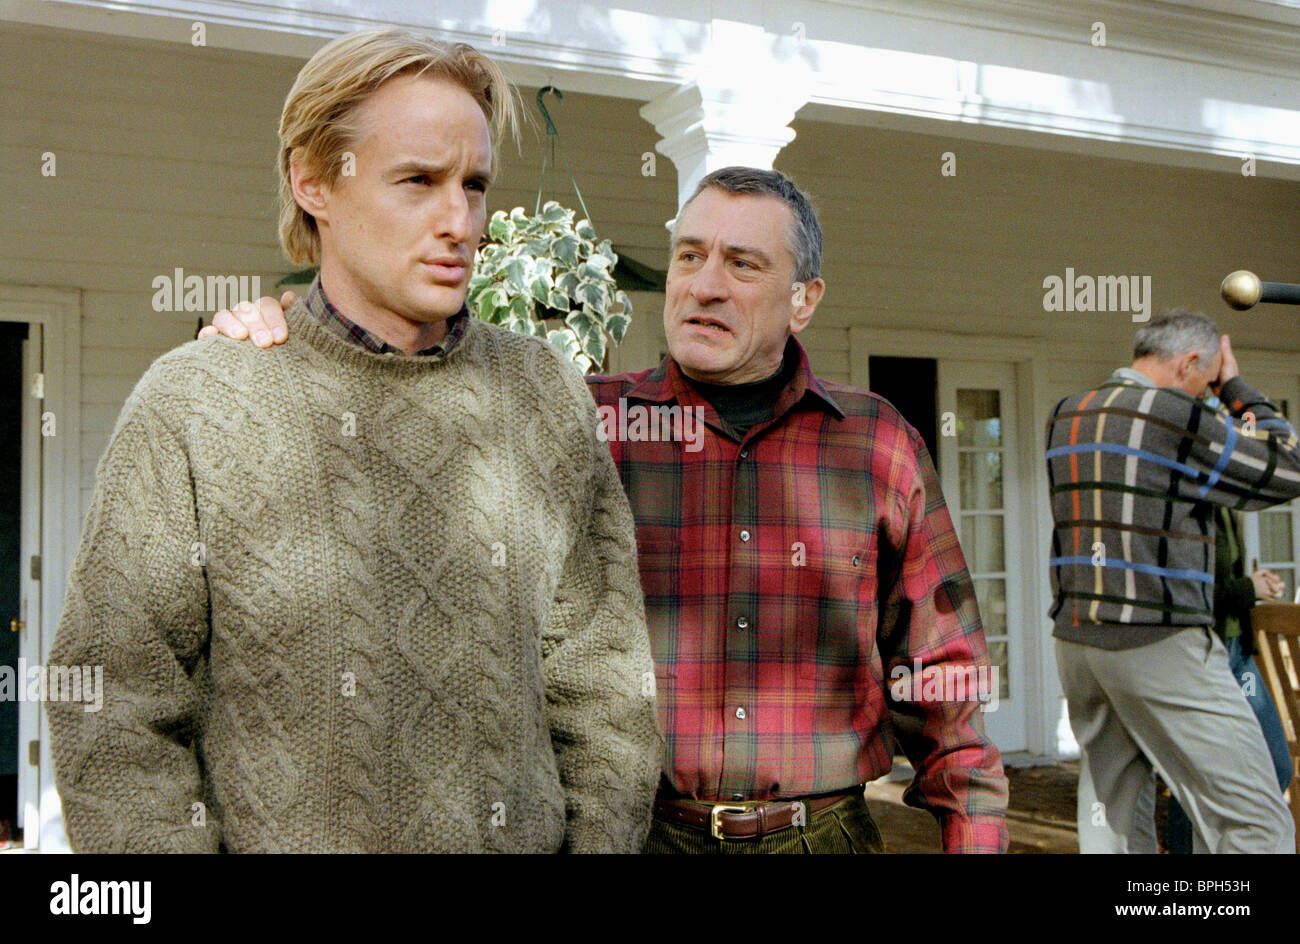 OWEN WILSON & ROBERT DE NIRO MEET THE PARENTS (2000) - Stock Image